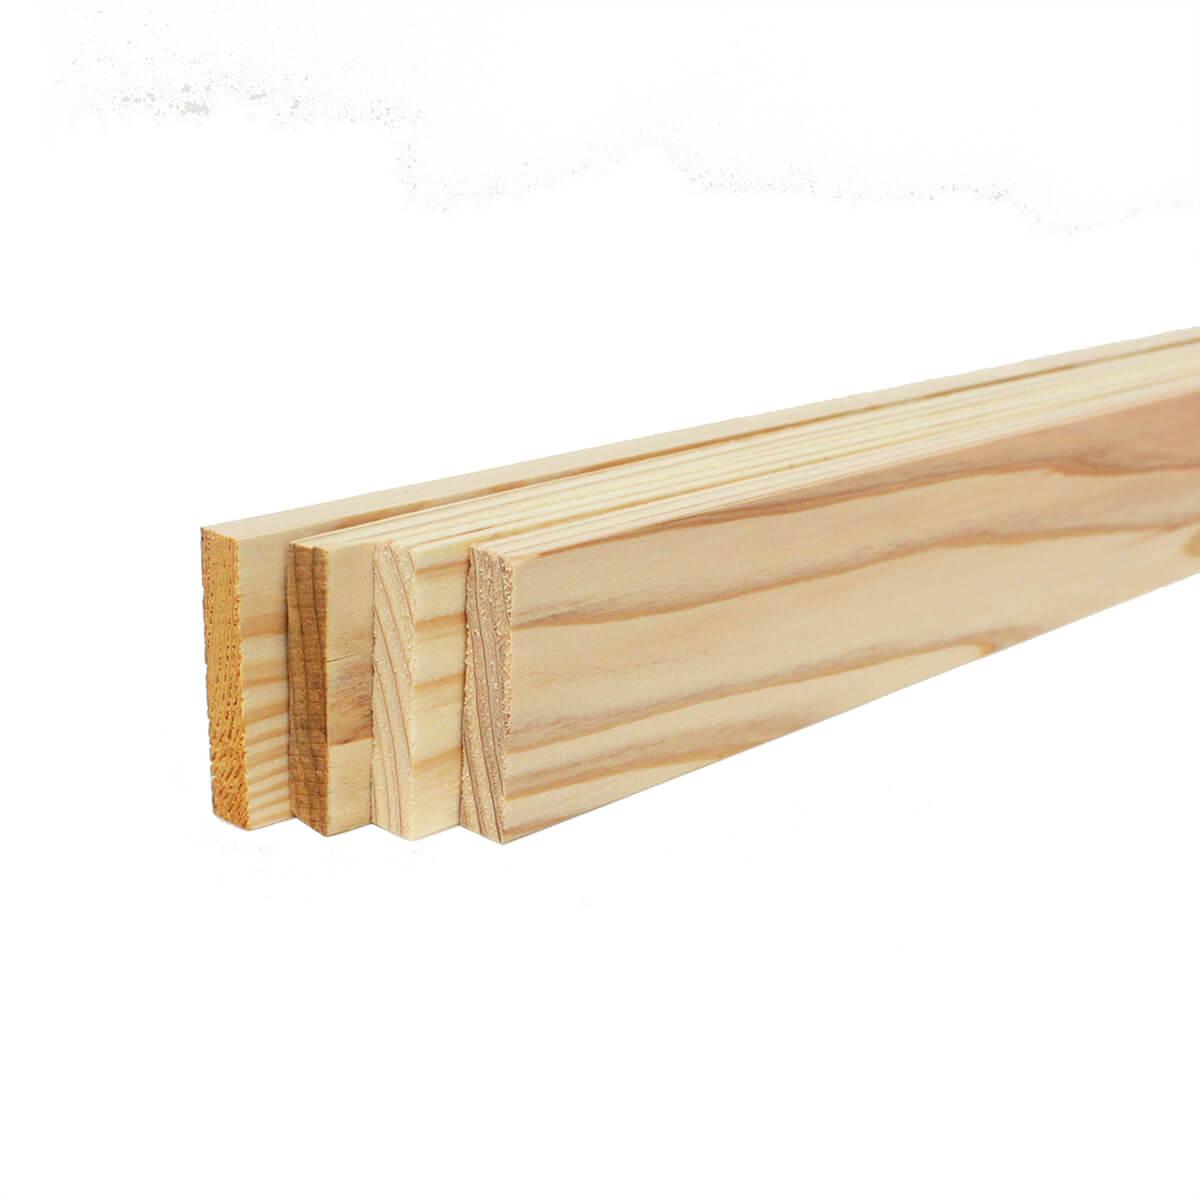 杉 仕上げ材 10x50x1000(mm)